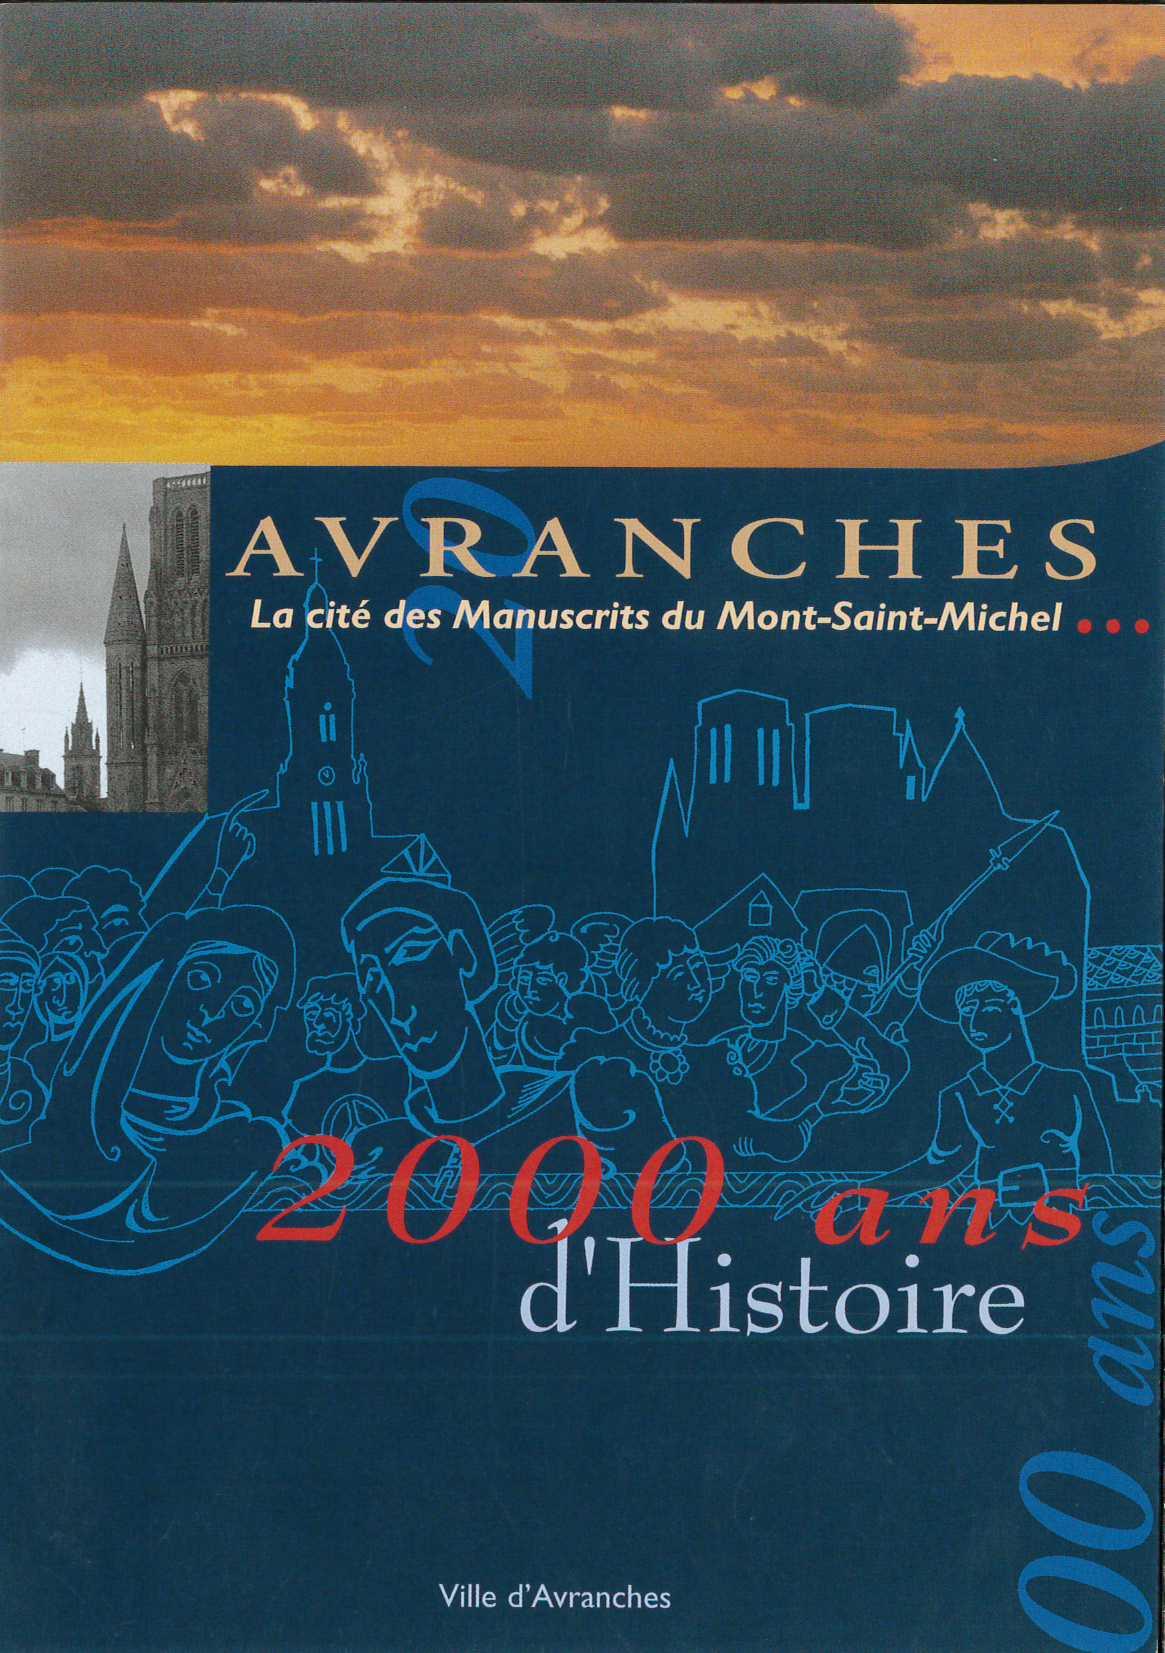 Avranches, la cité des manuscrits du Mont-Saint-Michel - 2000 ans d'histoire